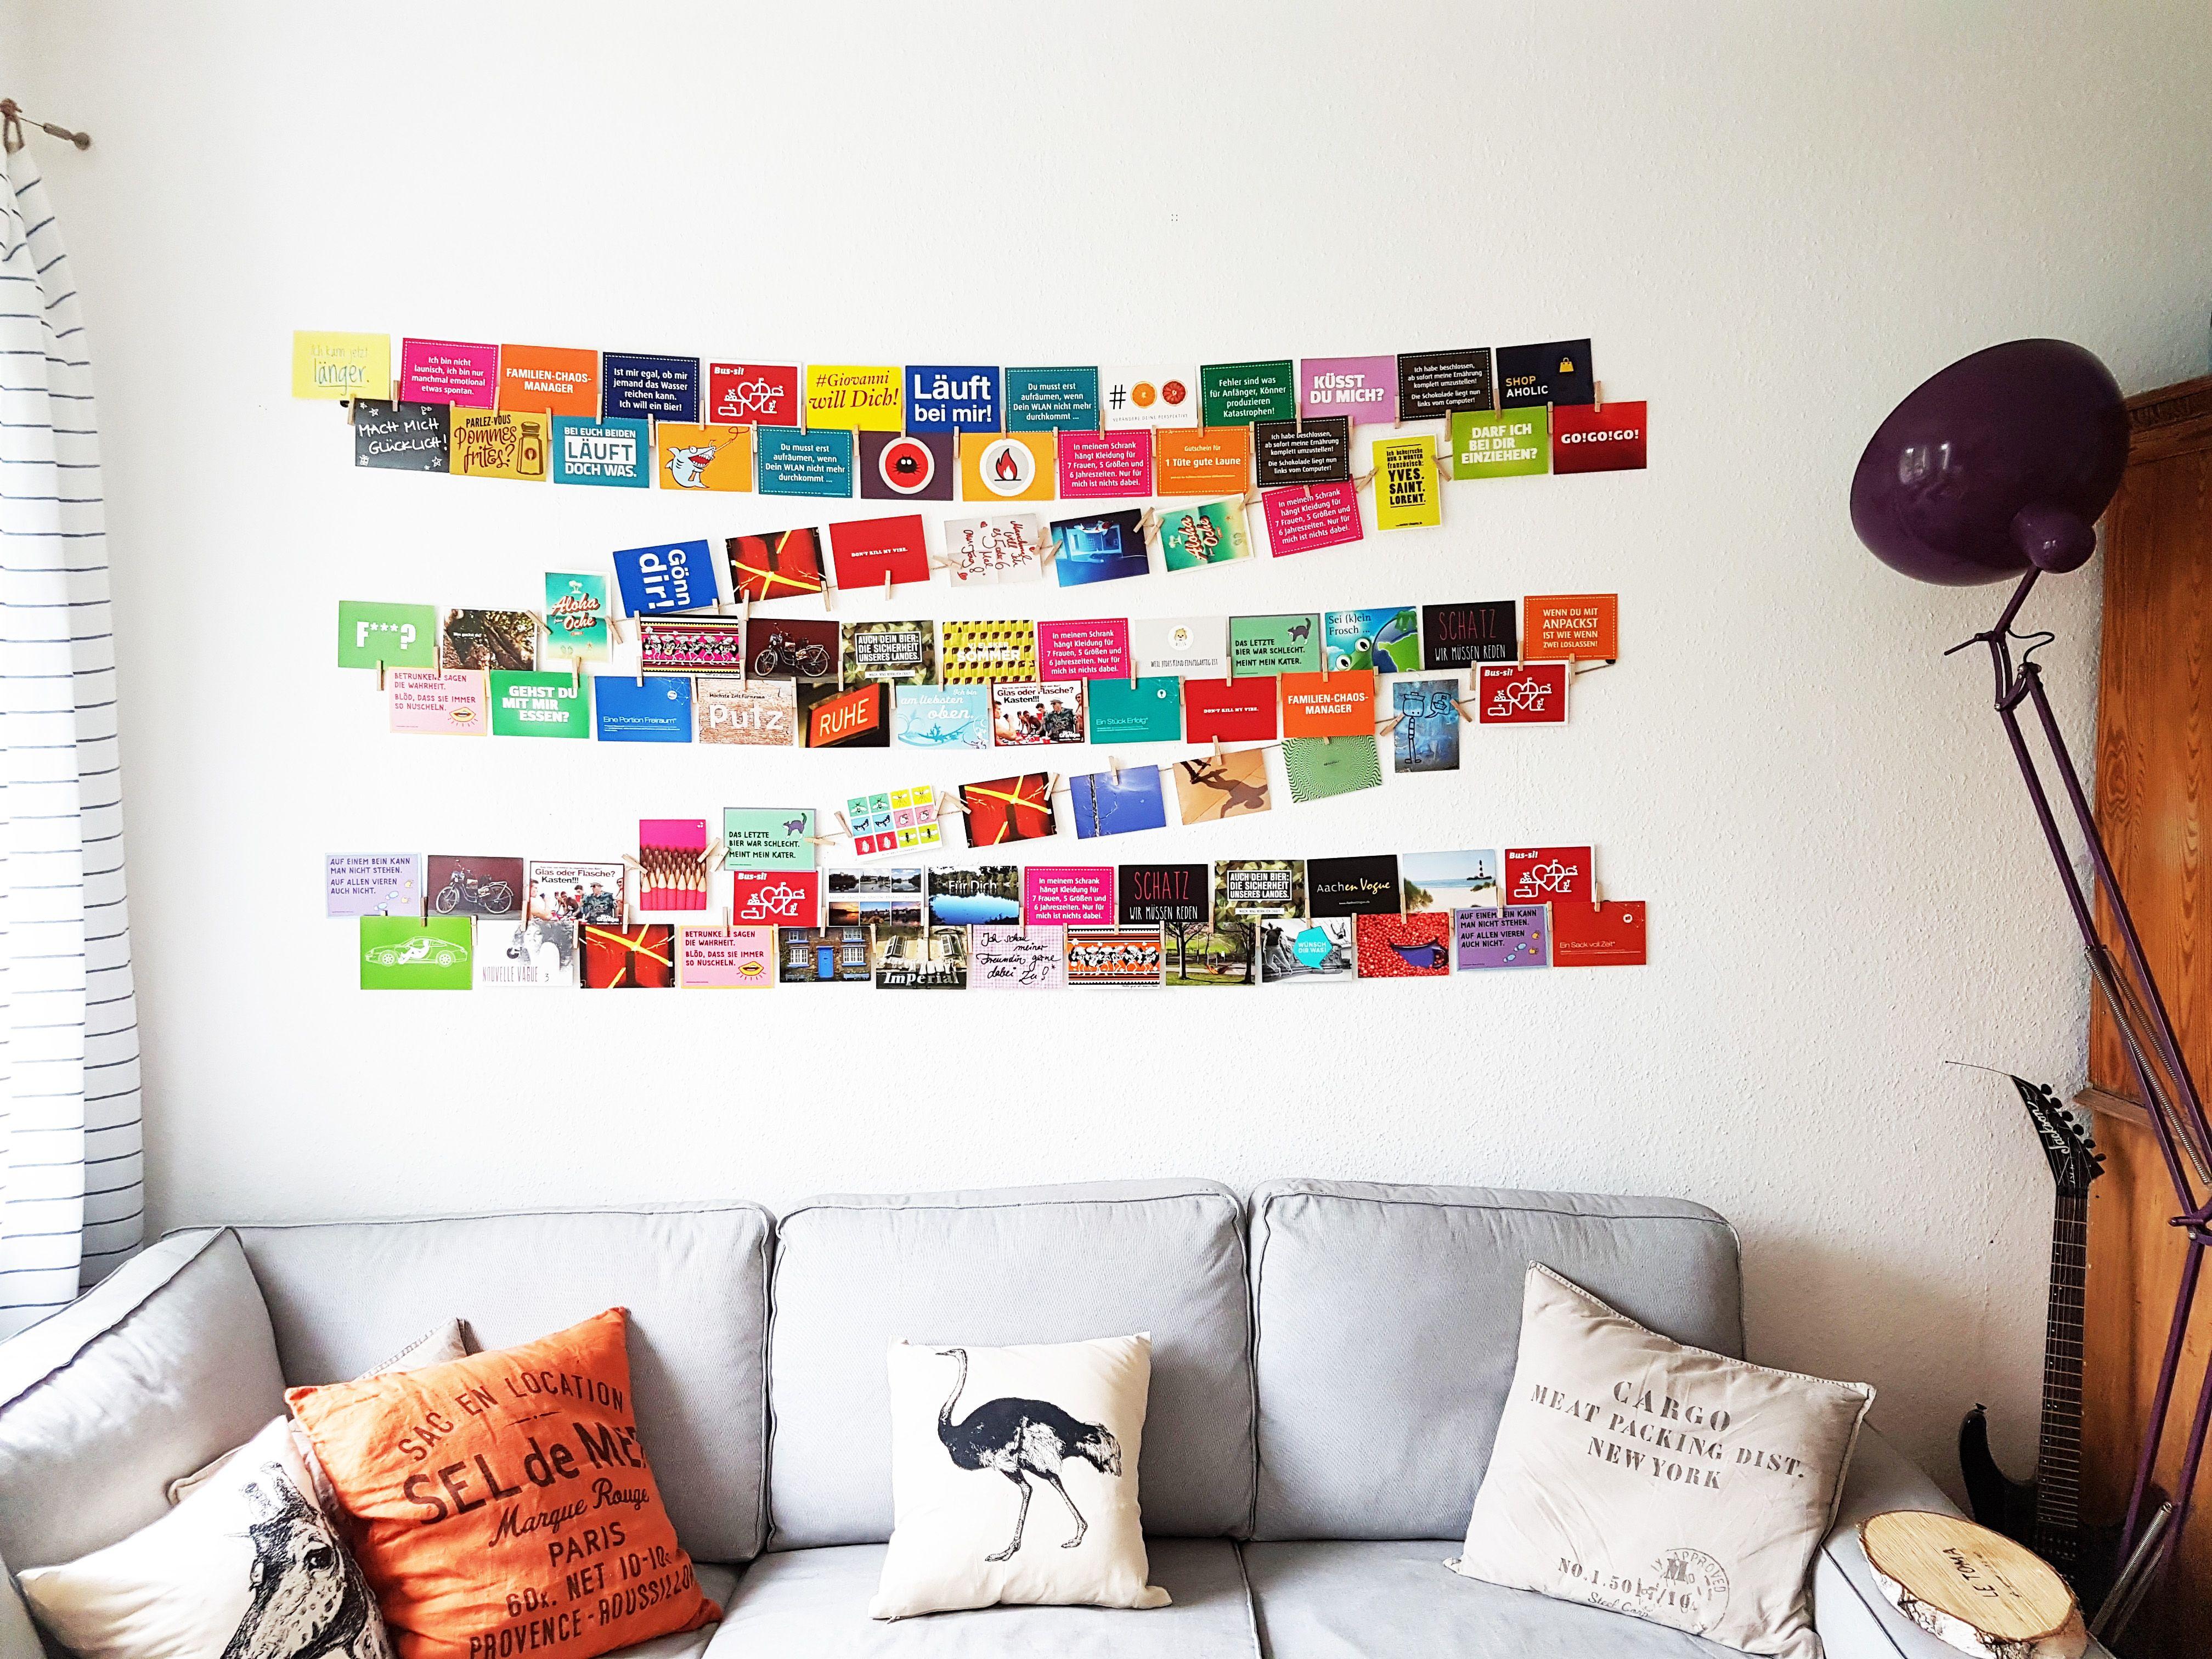 geniale idee um viele fotos und postkarten einfach auf der wand zu pr sentieren wanddeko. Black Bedroom Furniture Sets. Home Design Ideas